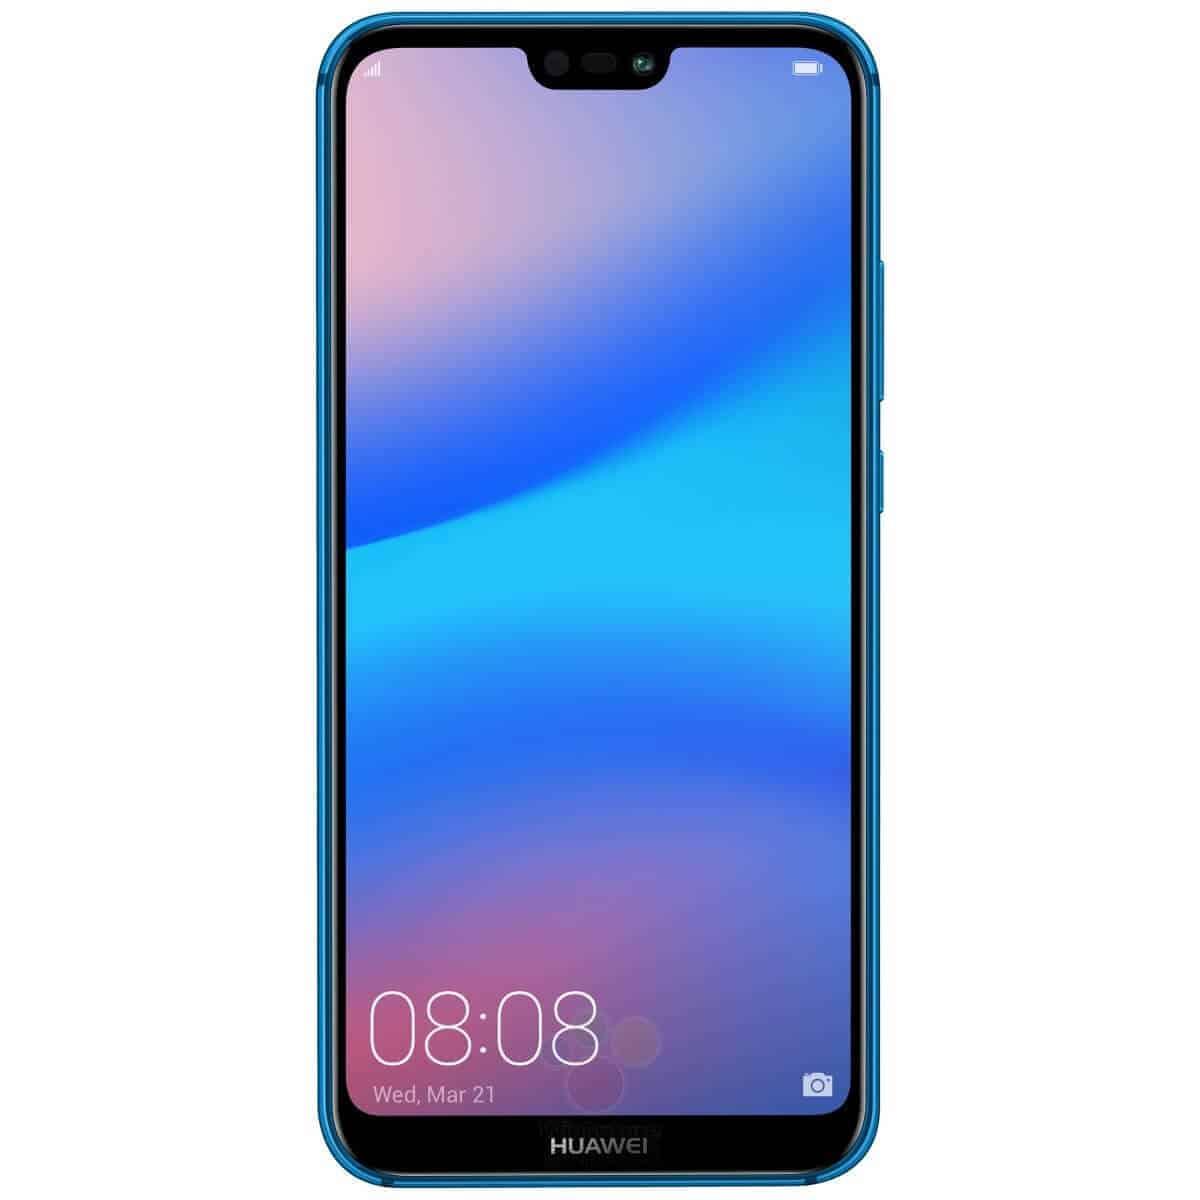 Huawei P20 Lite Press Renders 4